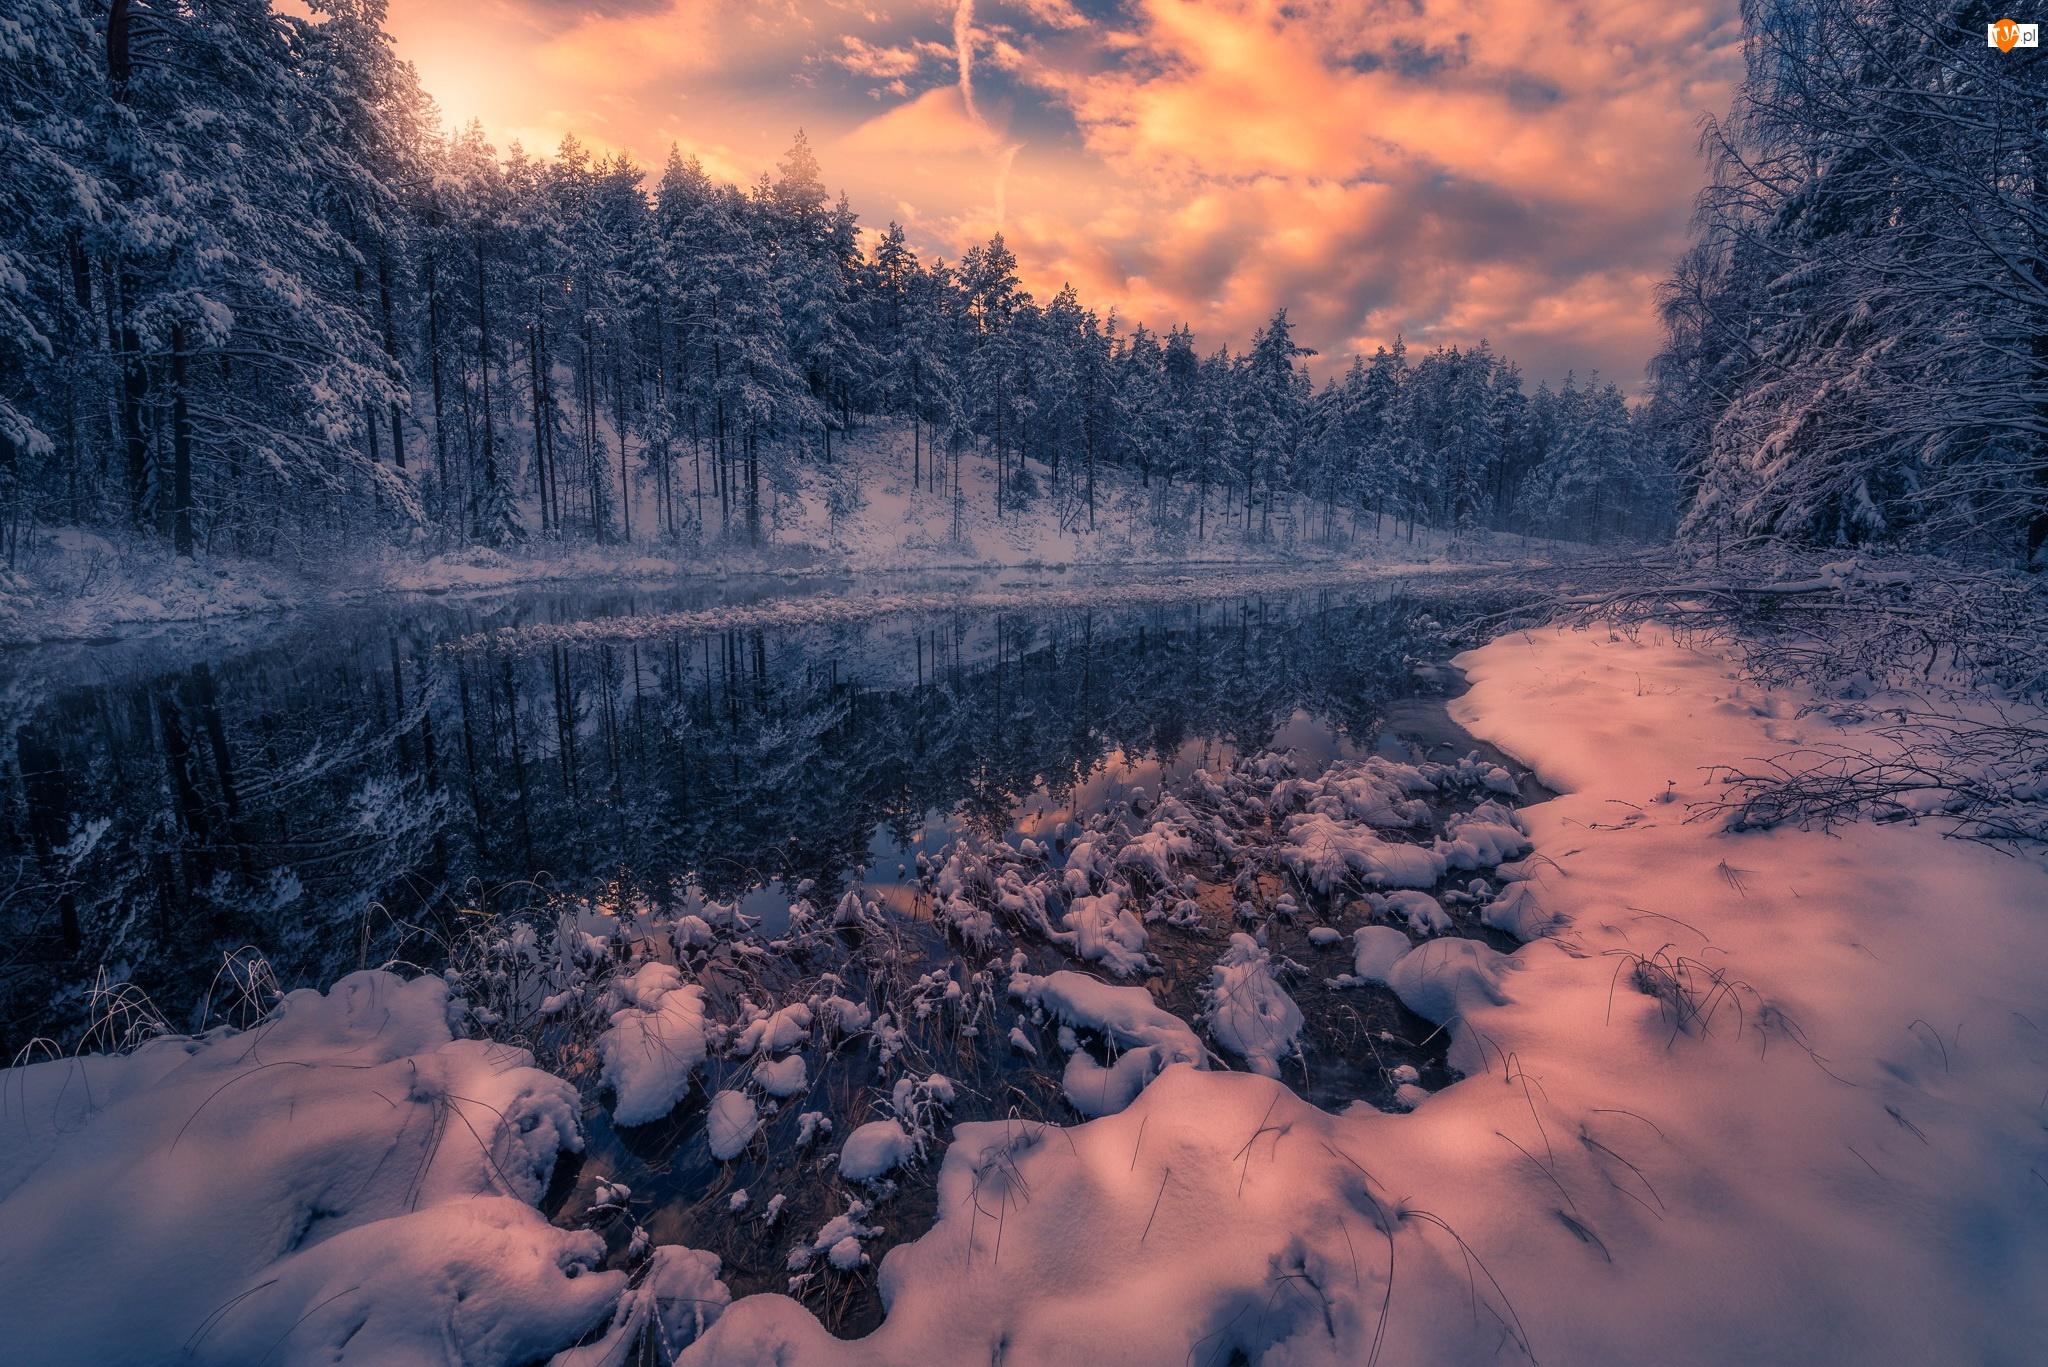 Chmury, Zima, Jezioro, Gmina Ringerike, Drzewa, Zachód słońca, Norwegia, Las